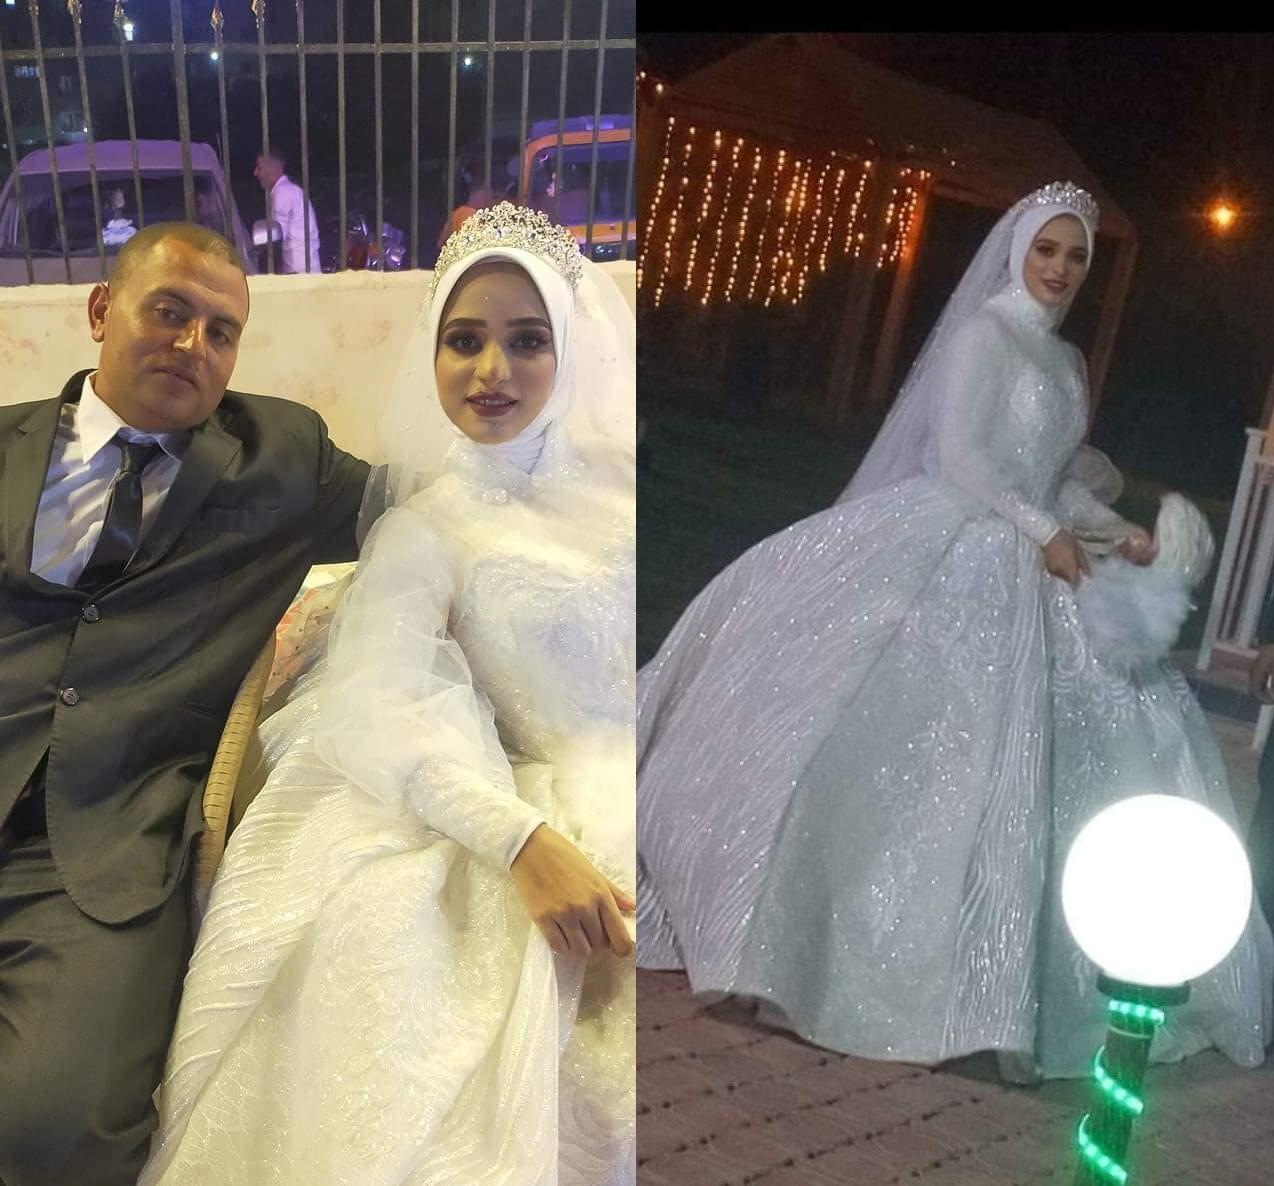 إسراء عروسة السماء.. وفاة عروسة بعد زفافها بساعة والفرح يتحول إلى جنازة والقرية تتشح بالسواد 1